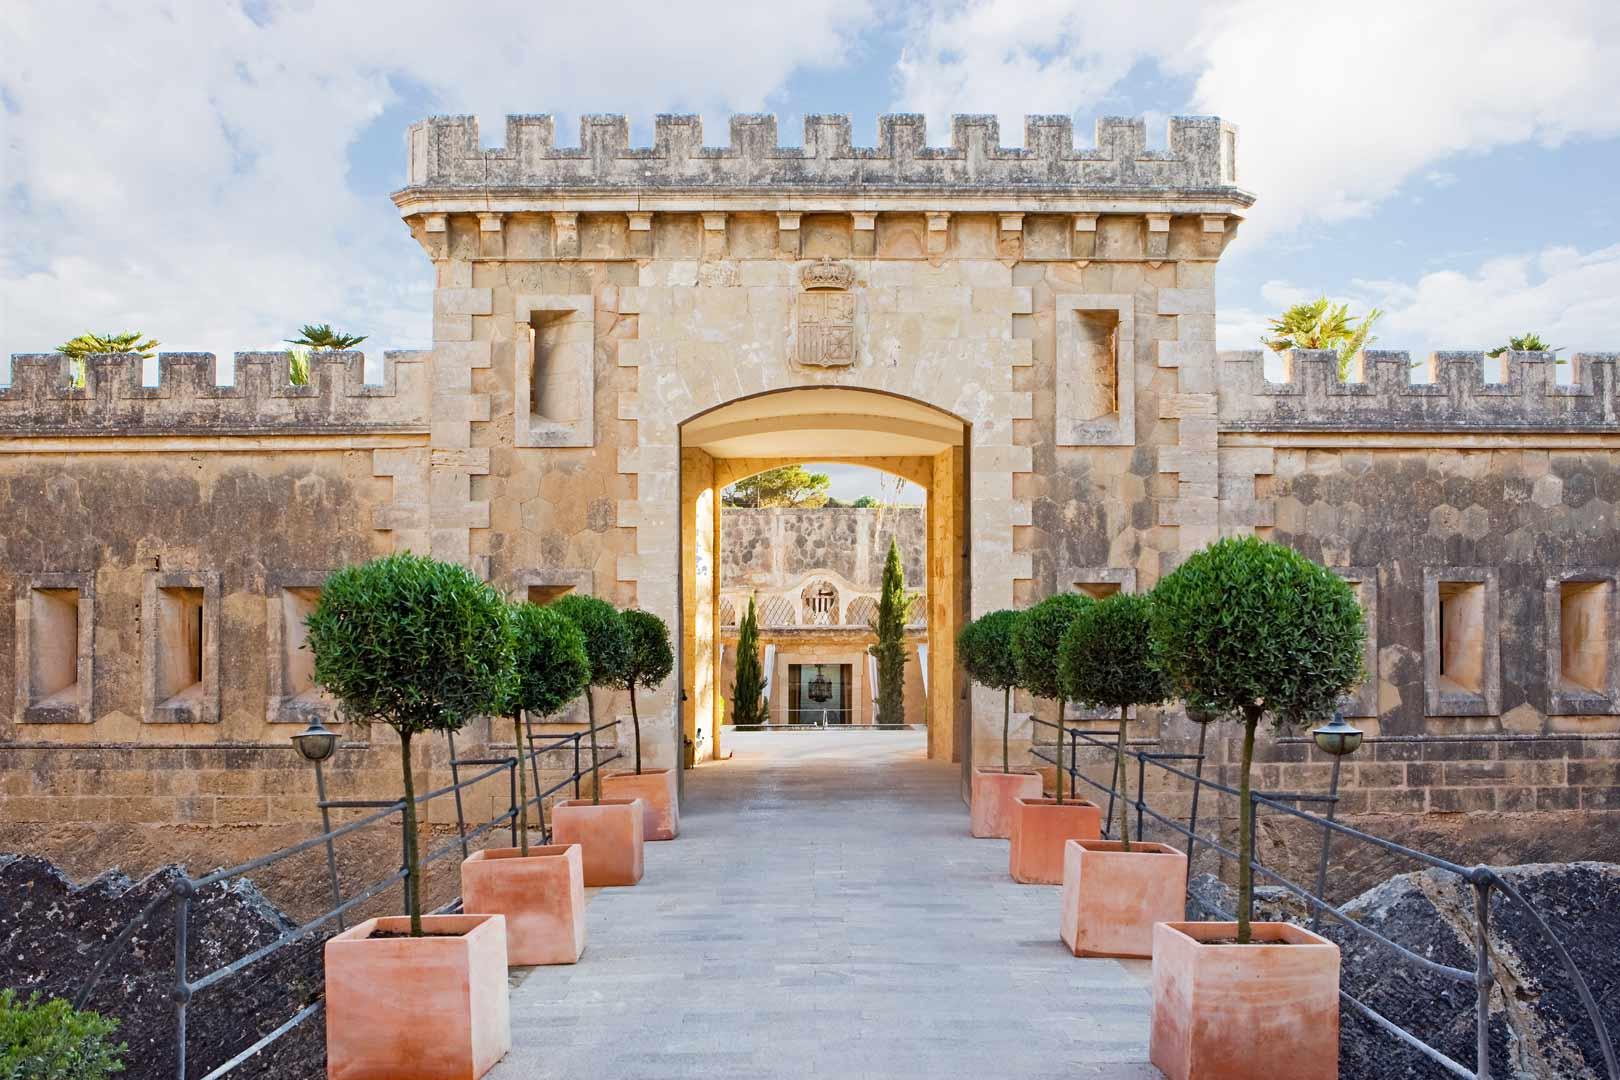 Hotel Cap Rocat de Mallorca: descansar en una fortaleza